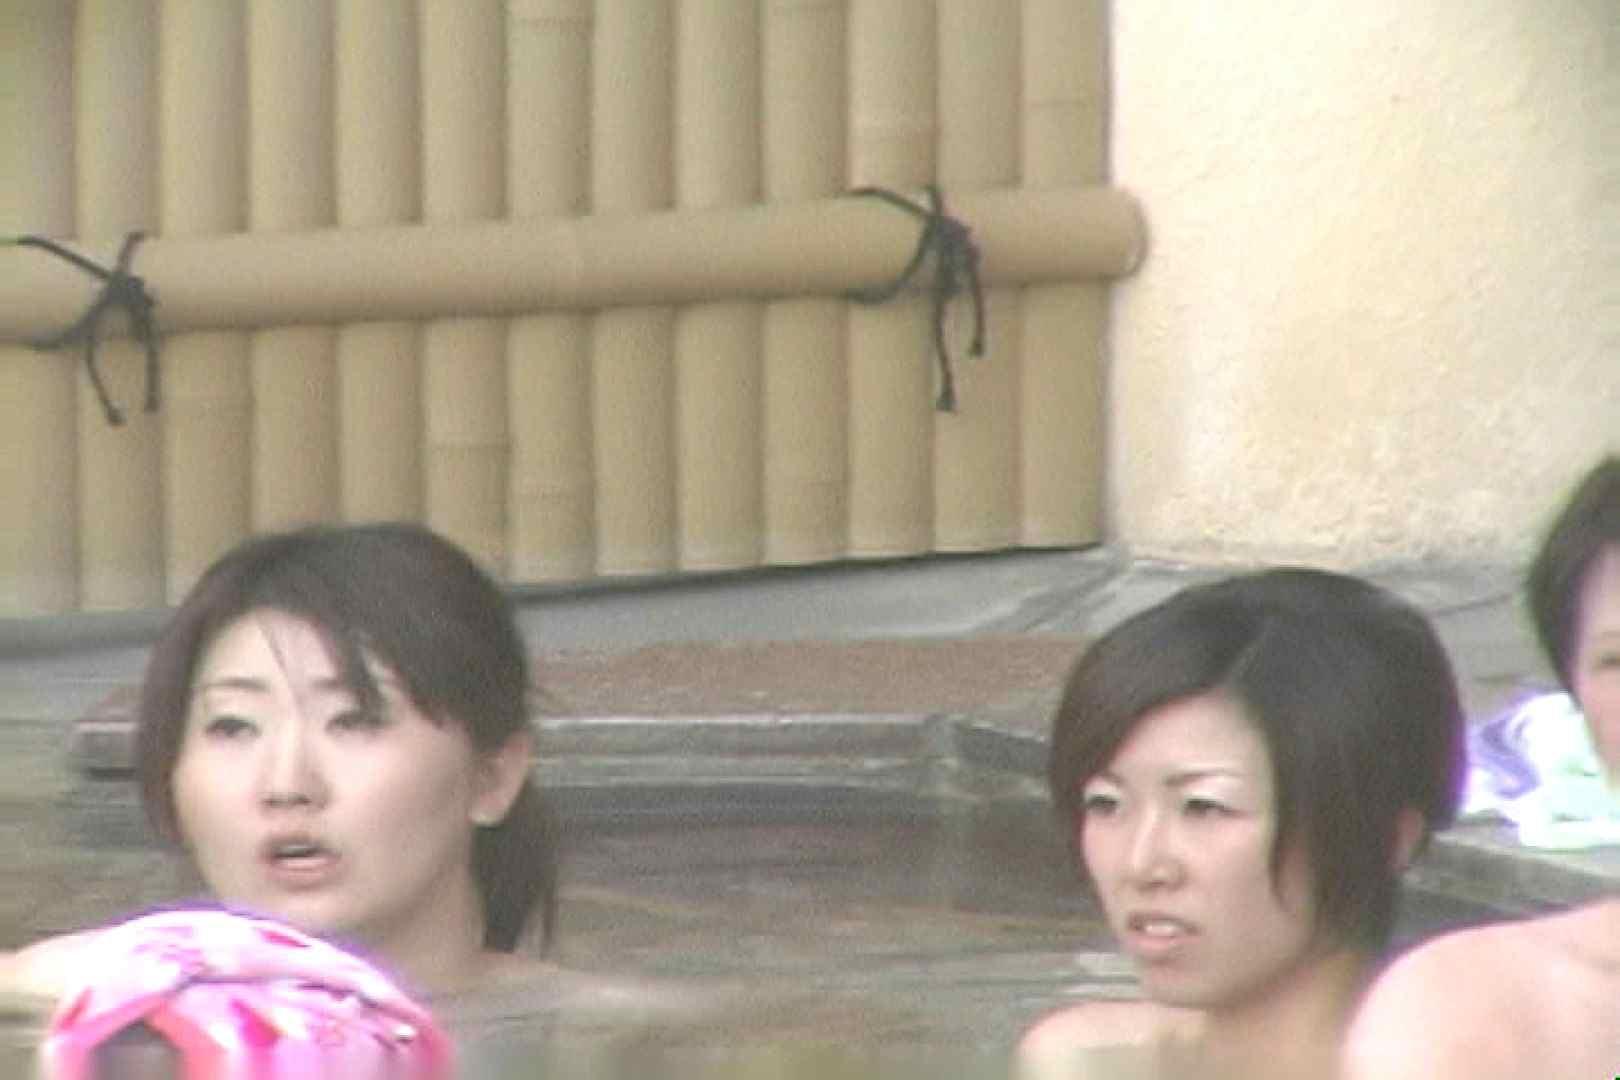 Aquaな露天風呂Vol.25 露天   盗撮特集  106画像 35